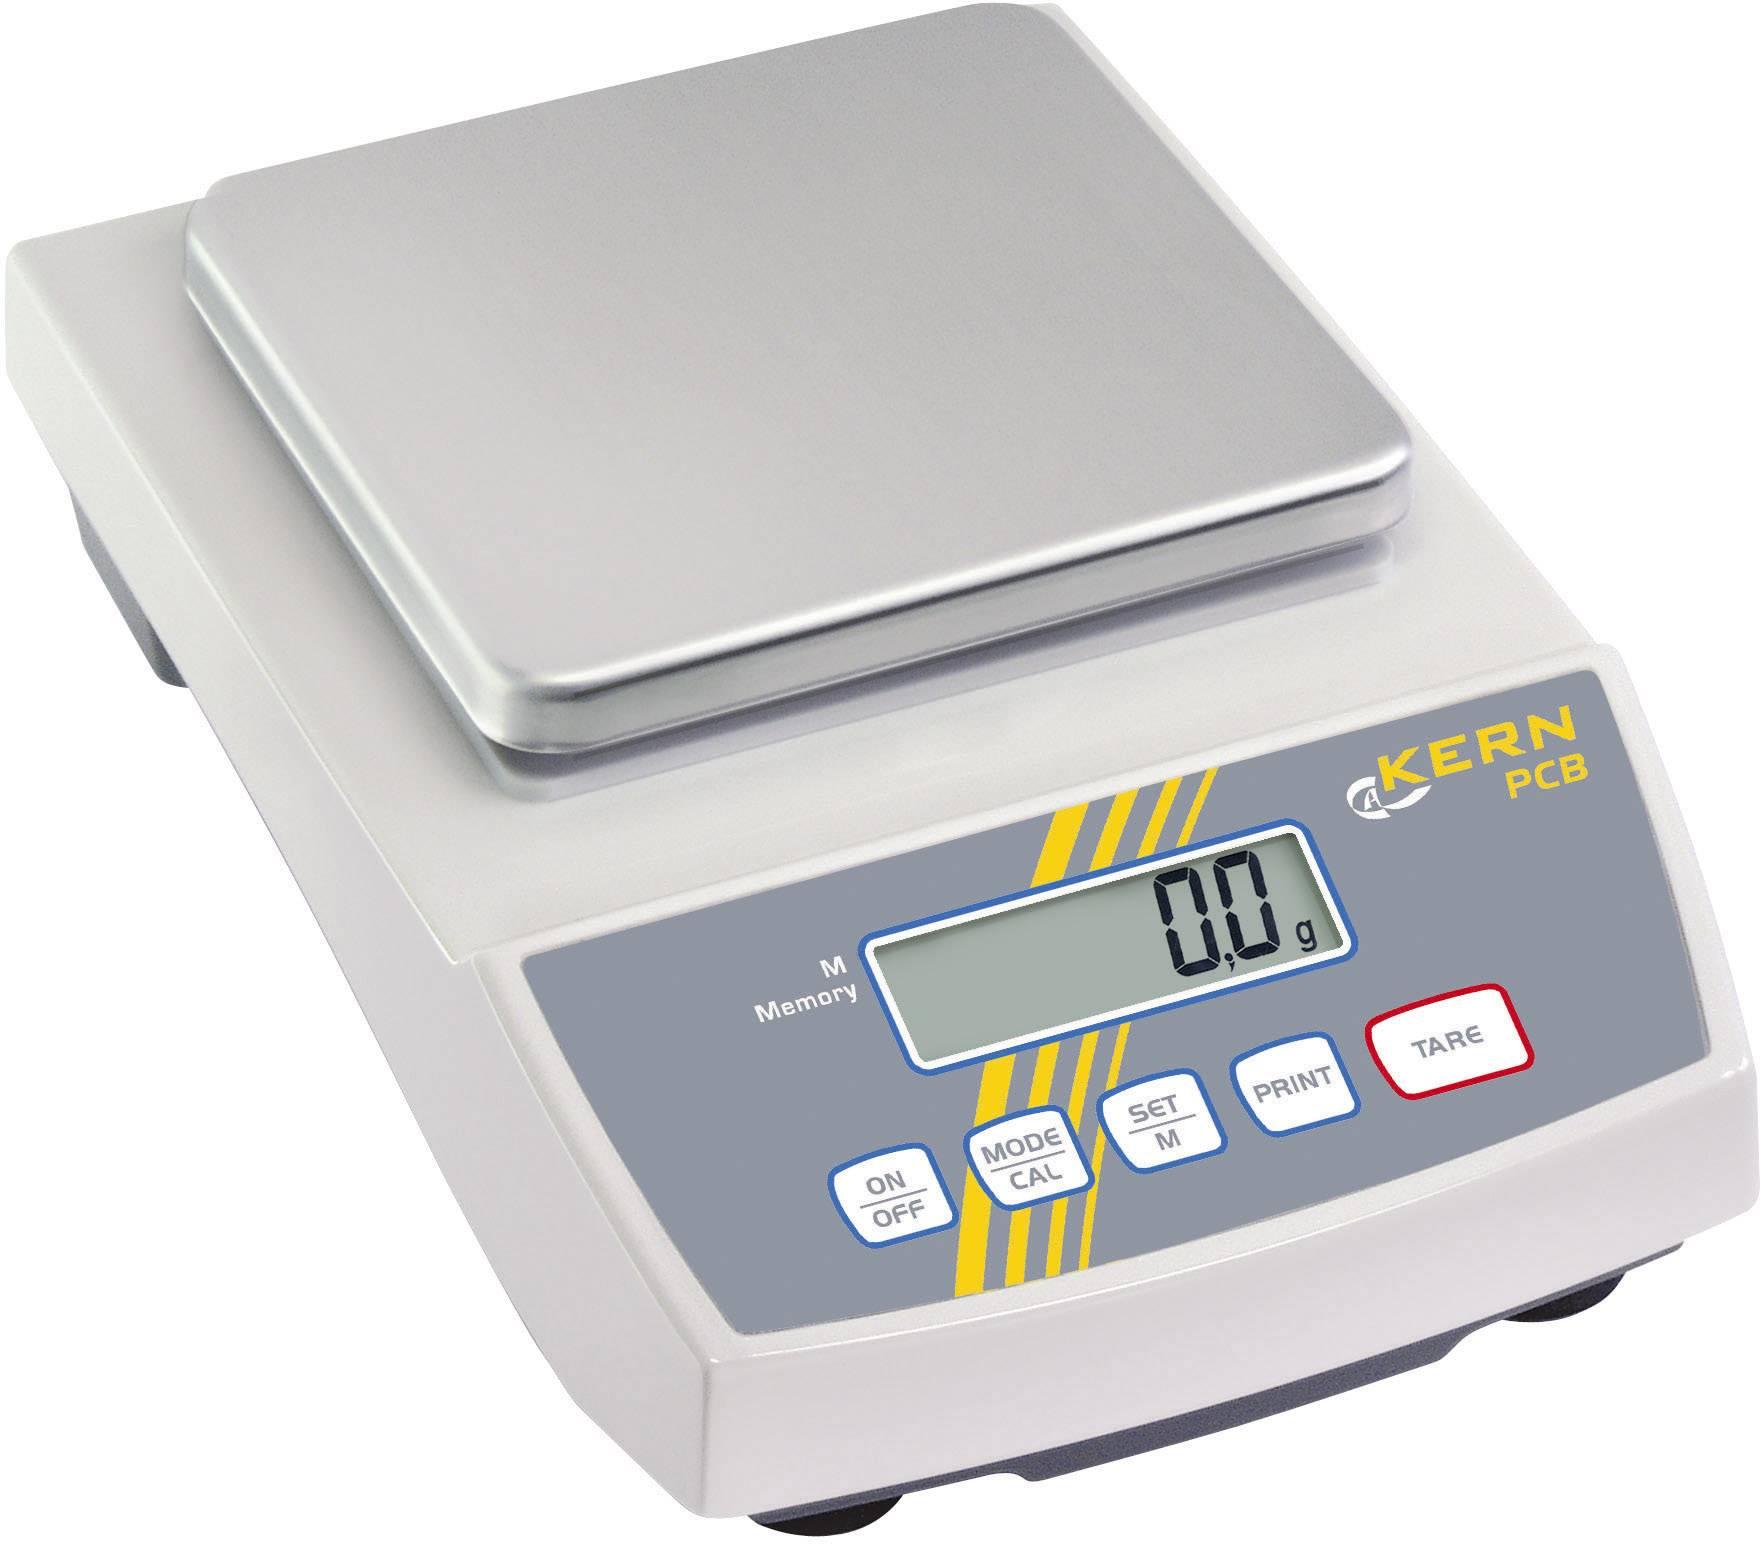 Přesná váha Kern KB 2400-2N, rozlišení 0.01 g, max. váživost 2.4 kg, Kalibrováno dle ISO